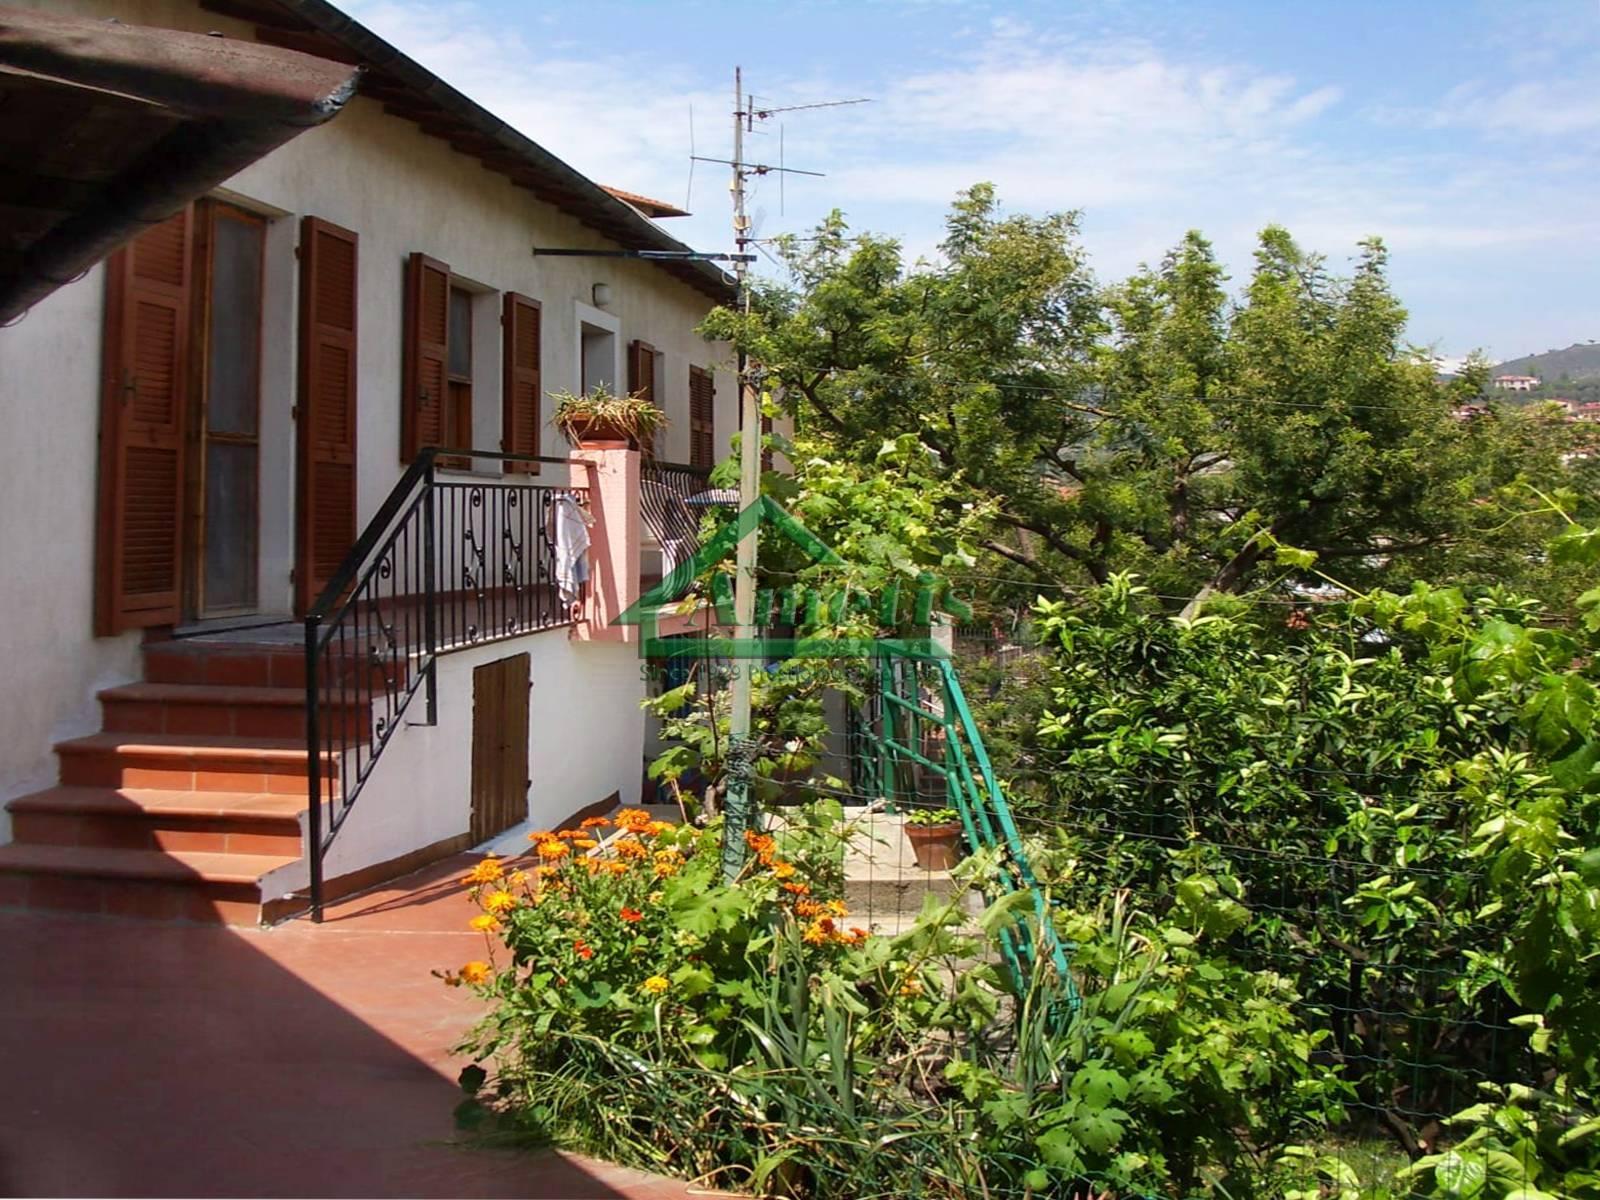 Villa in vendita a Imperia, 3 locali, zona Località: Onegliacentro, prezzo € 167.000   PortaleAgenzieImmobiliari.it